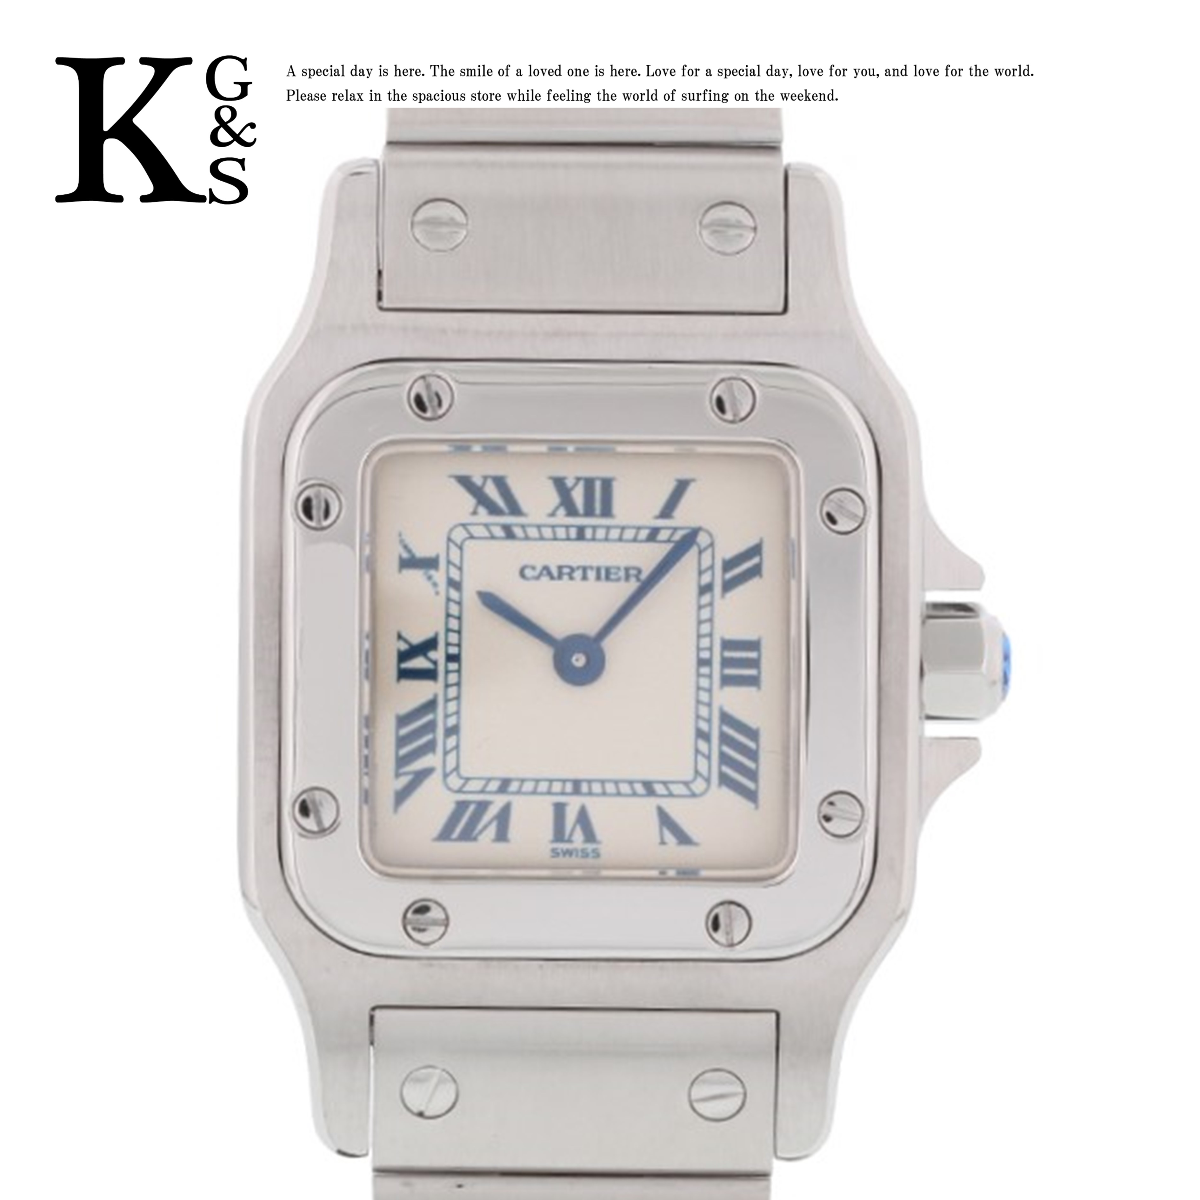 【ギフト品質】カルティエ/Cartier レディース 腕時計 サントスガルべSM ホワイト文字盤 ブルーインデックス ステンレススチール クオーツ W20056D6